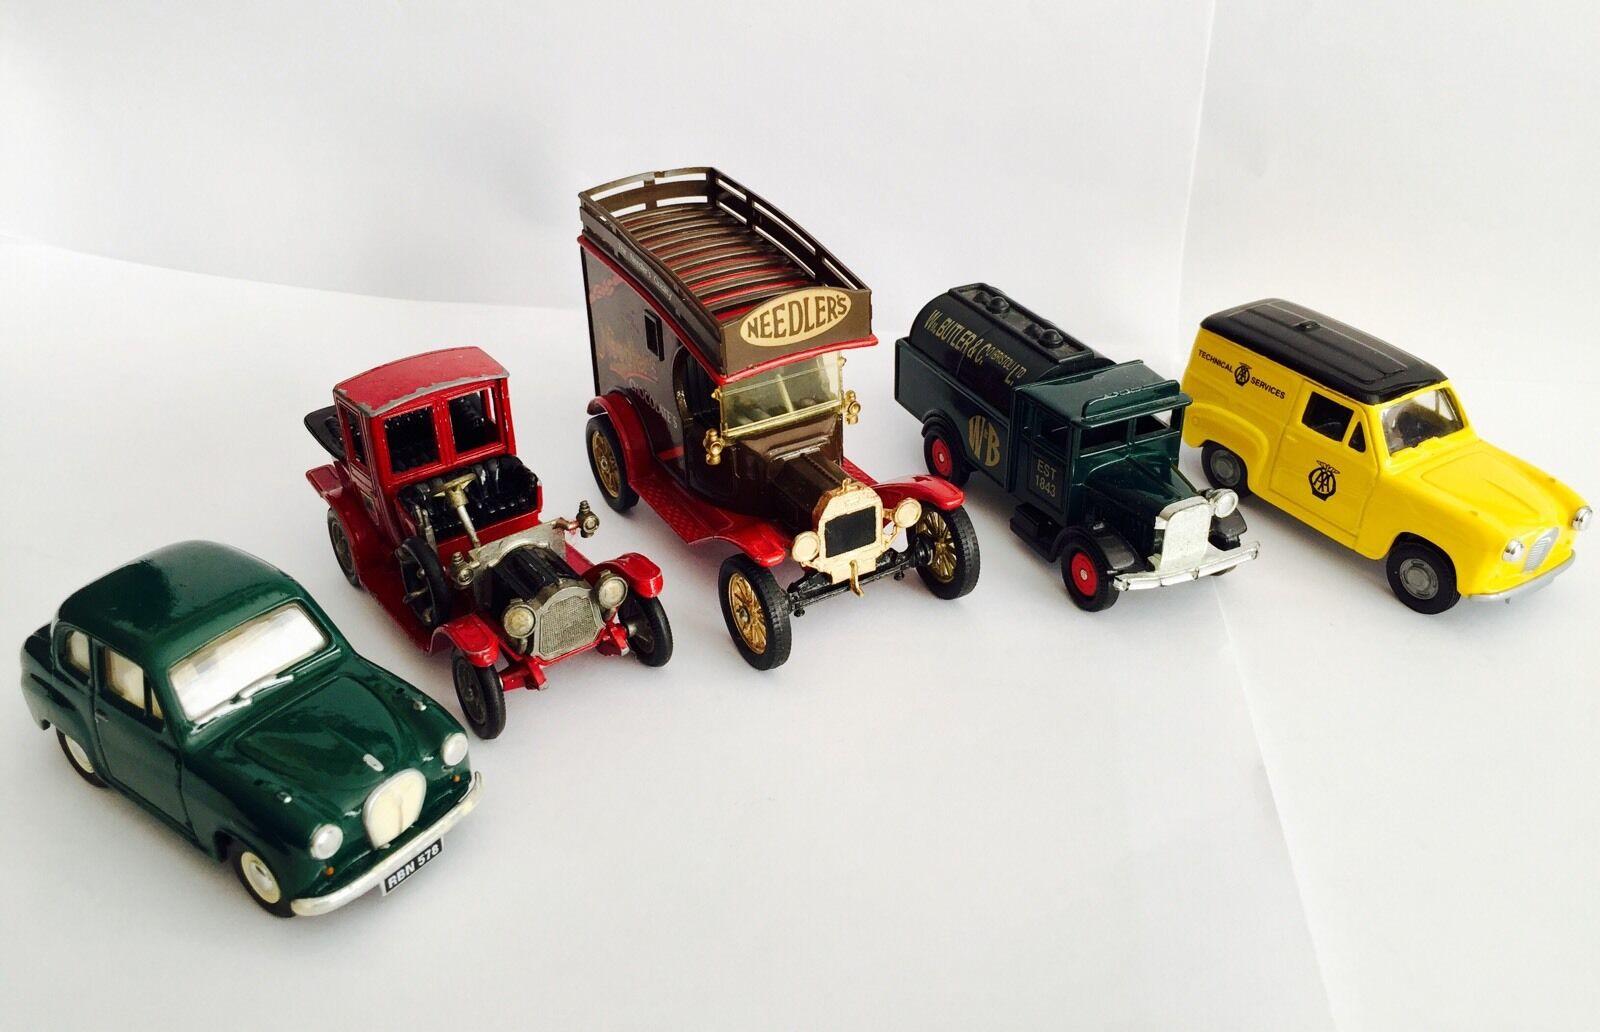 5 Vintage DIE-CAST MODELO COCHES incluso Packard Landaulet (Corgi y otros hace)